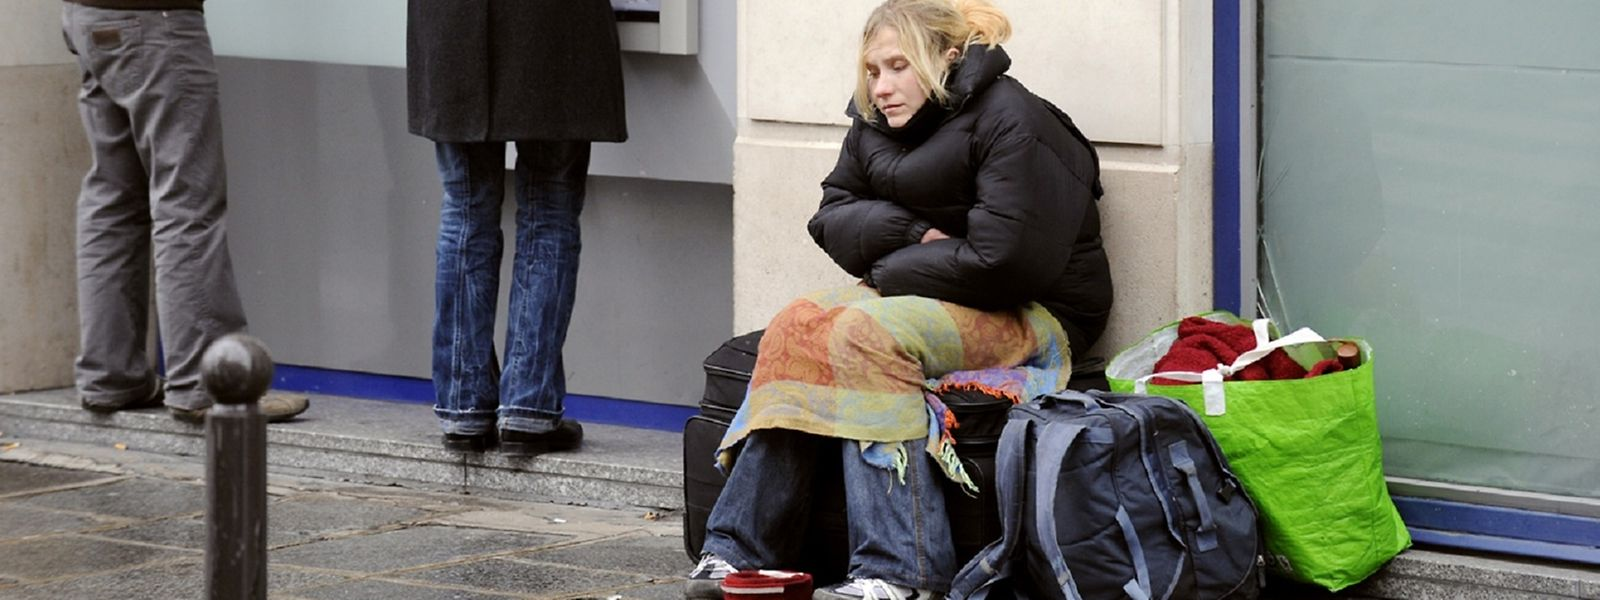 Les associations ont recensé 232 personnes sans-abri au Luxembourg.